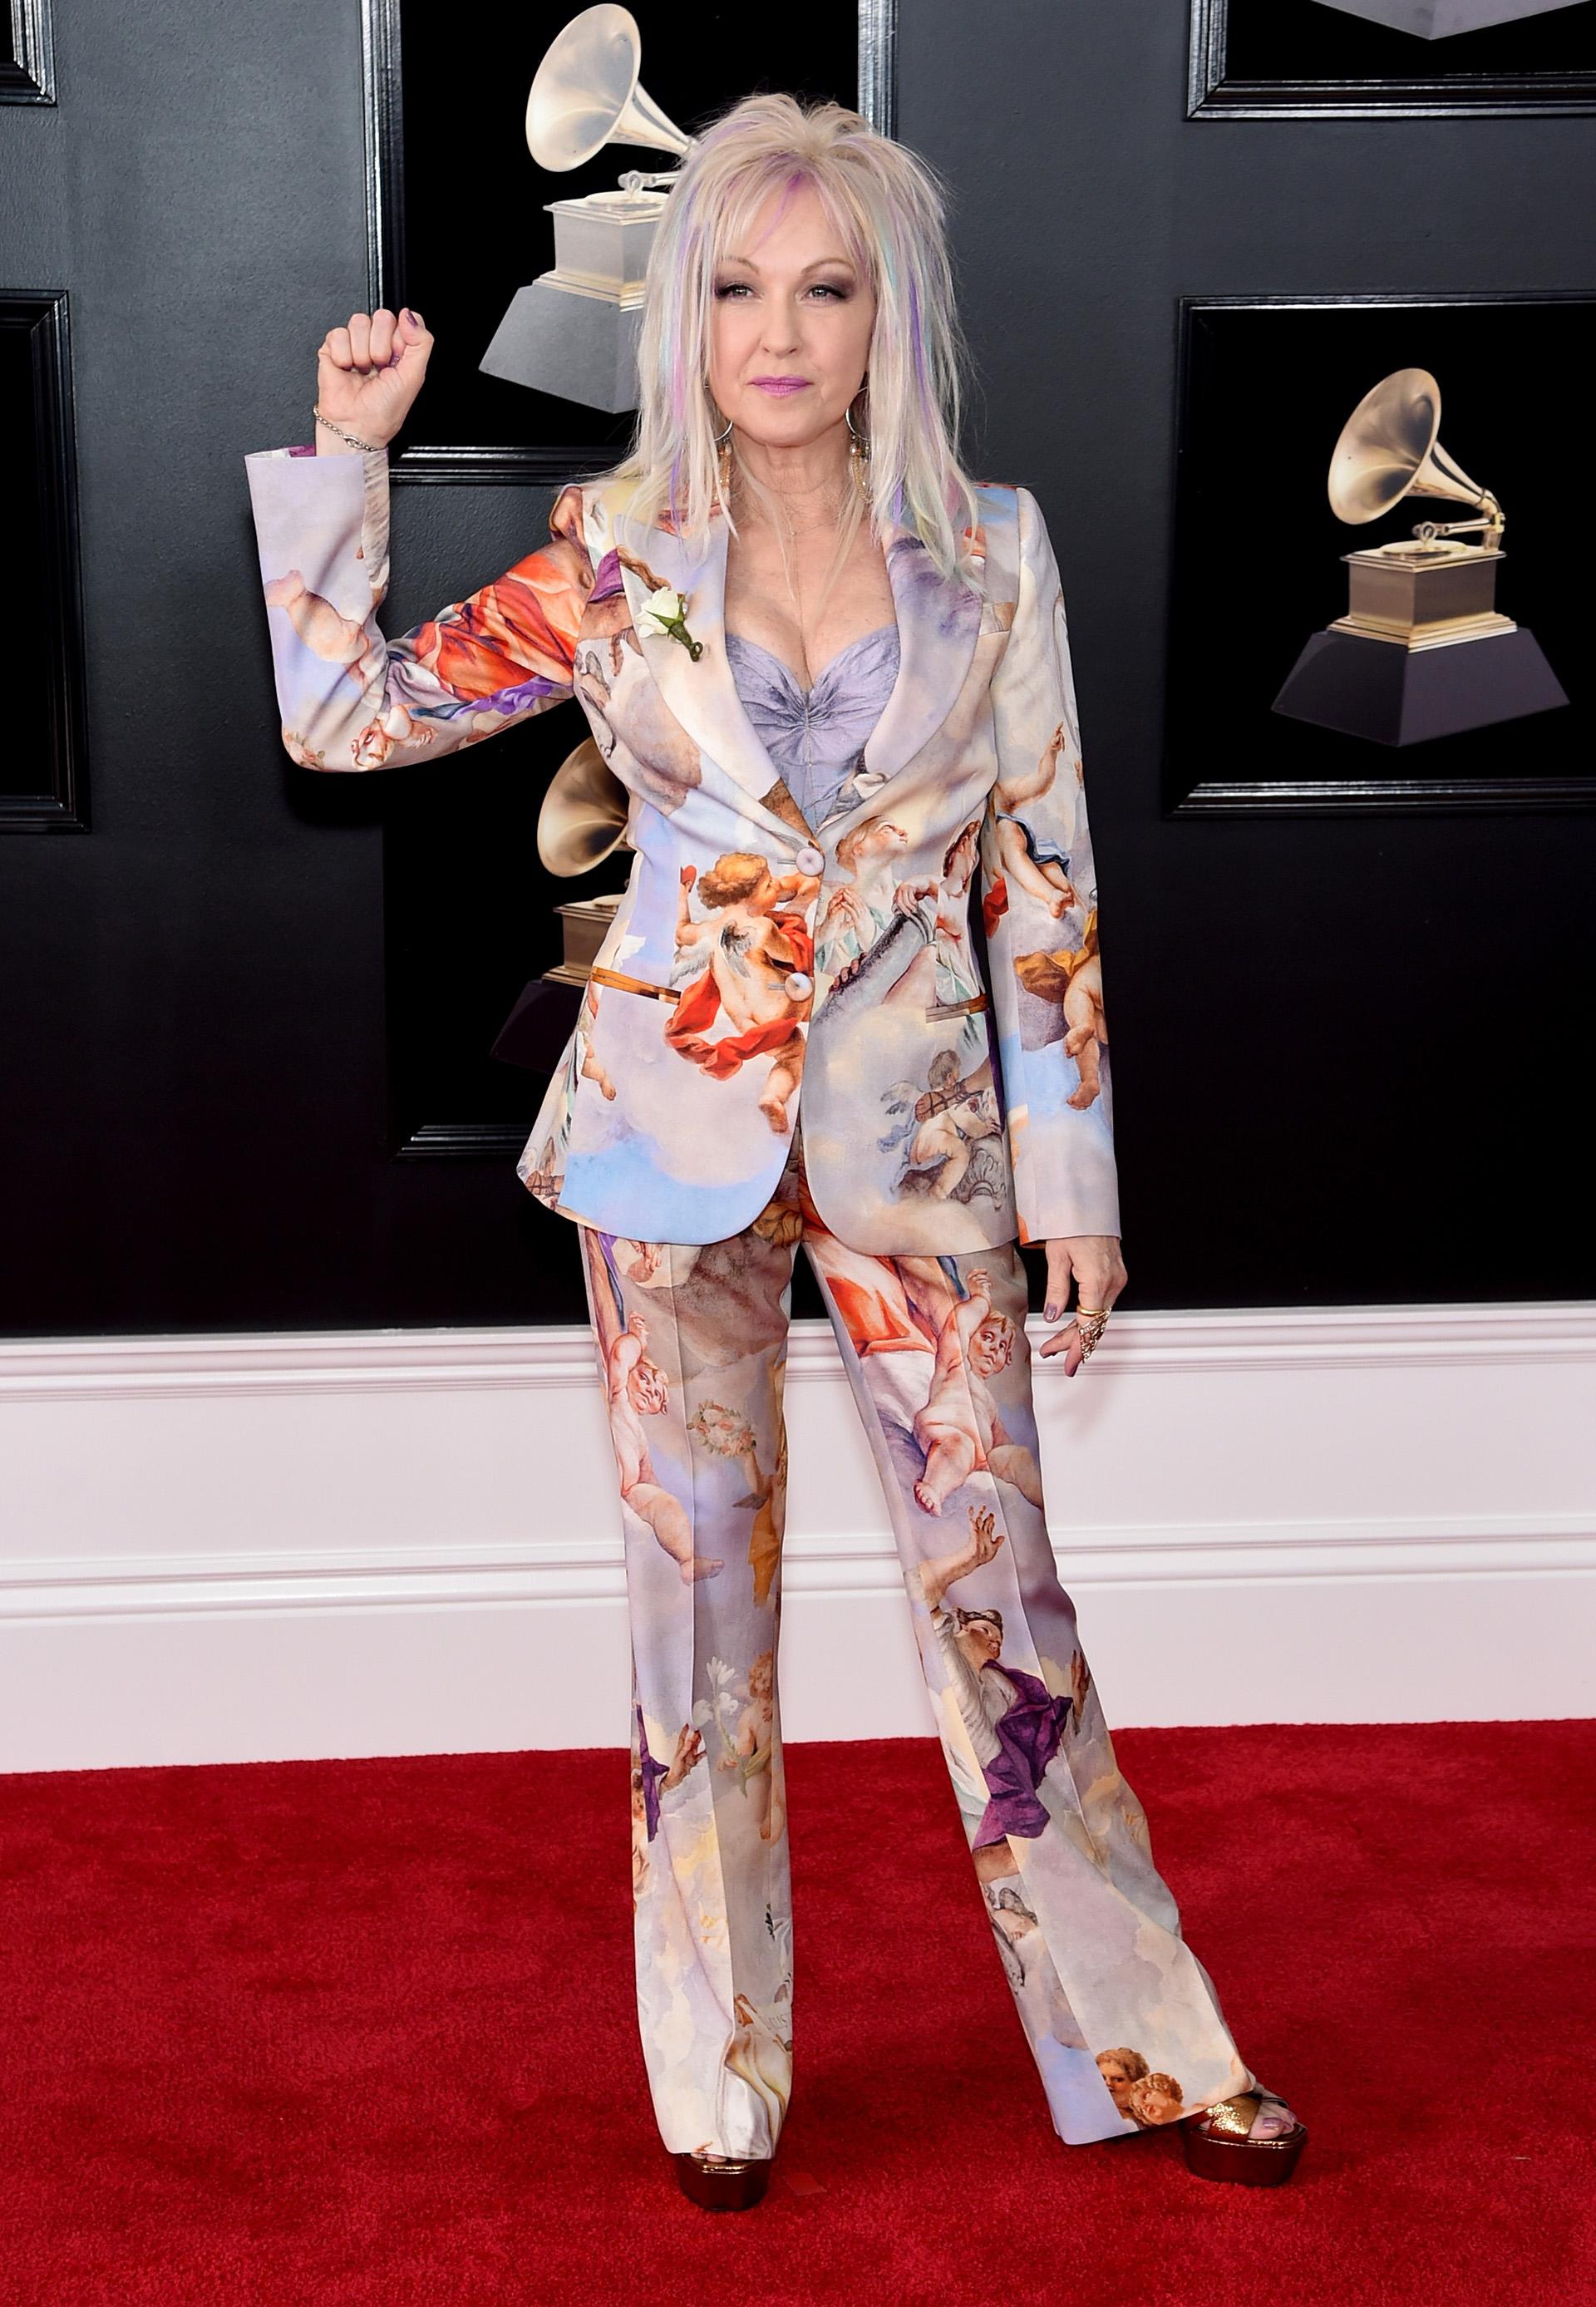 Cyndi Lauper asistió a los Grammy 2018 con un traje masculino estampado con ángeles, camisa celeste y plataformas en ocre